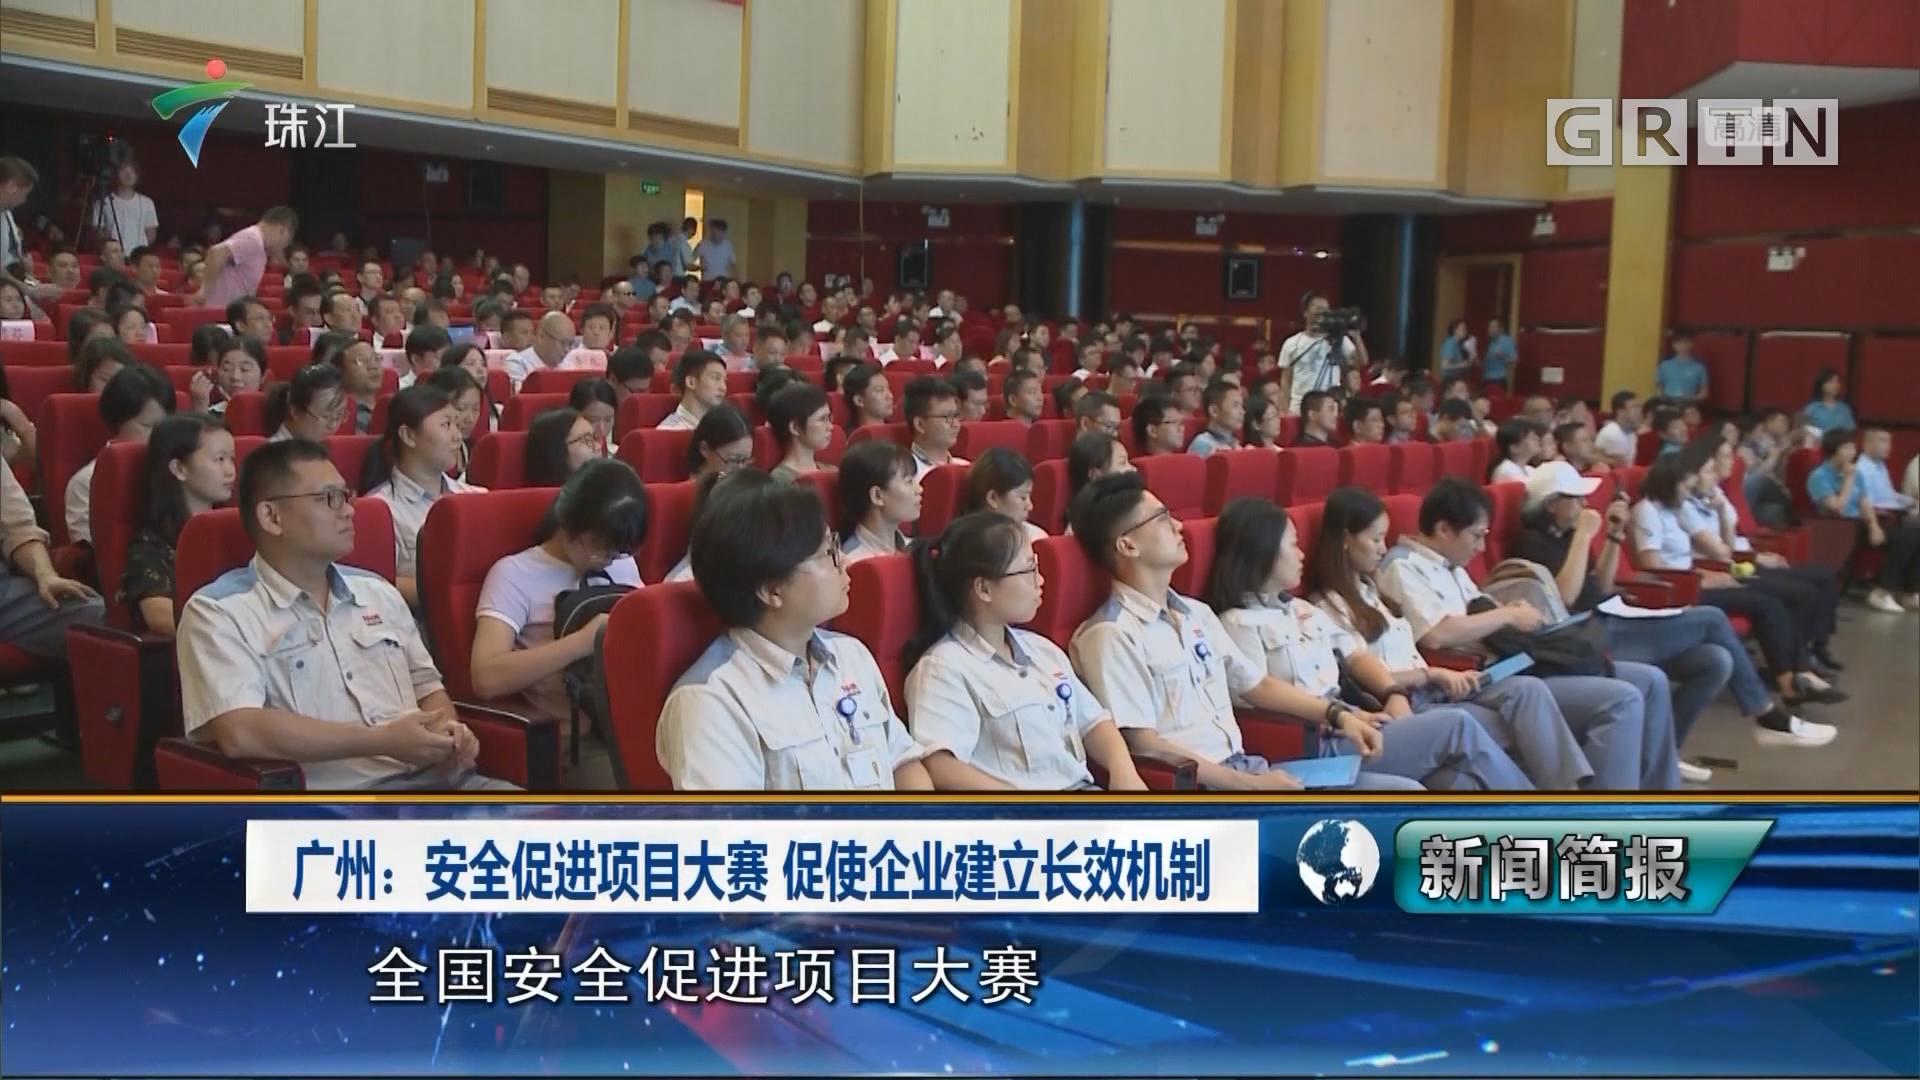 广州:安全促进项目大赛 促使企业建立长效机制